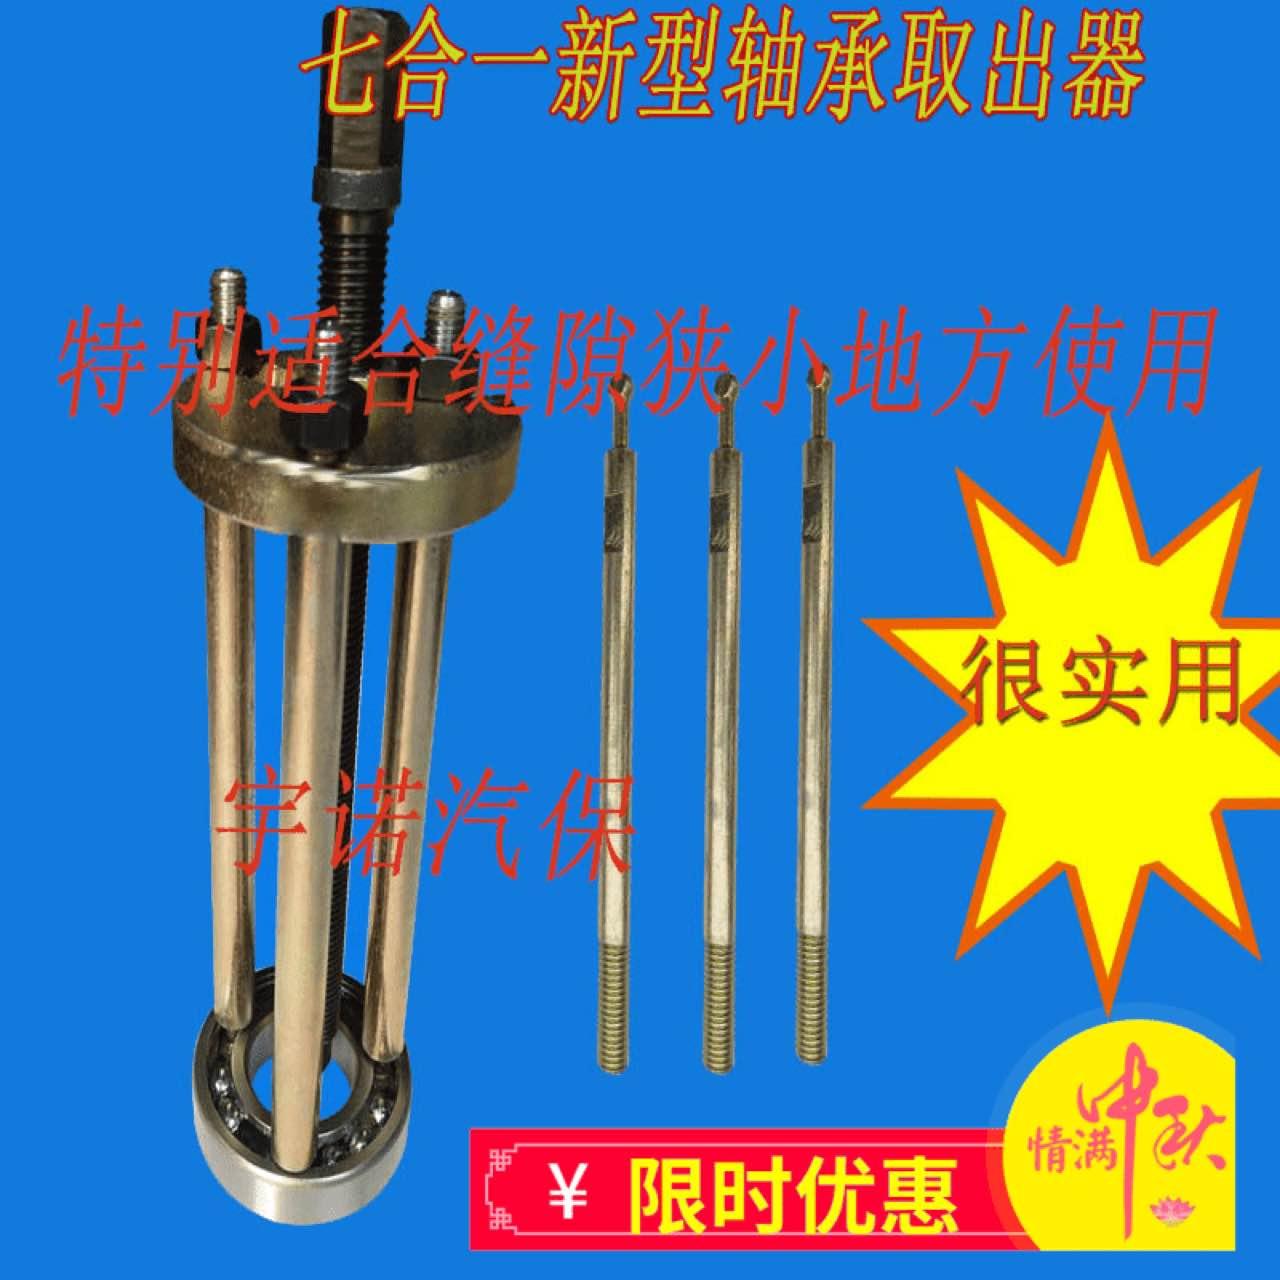 多功能内孔轴承拉马轴承取出器拉拔器三爪拉马三抓拉玛拆卸工具